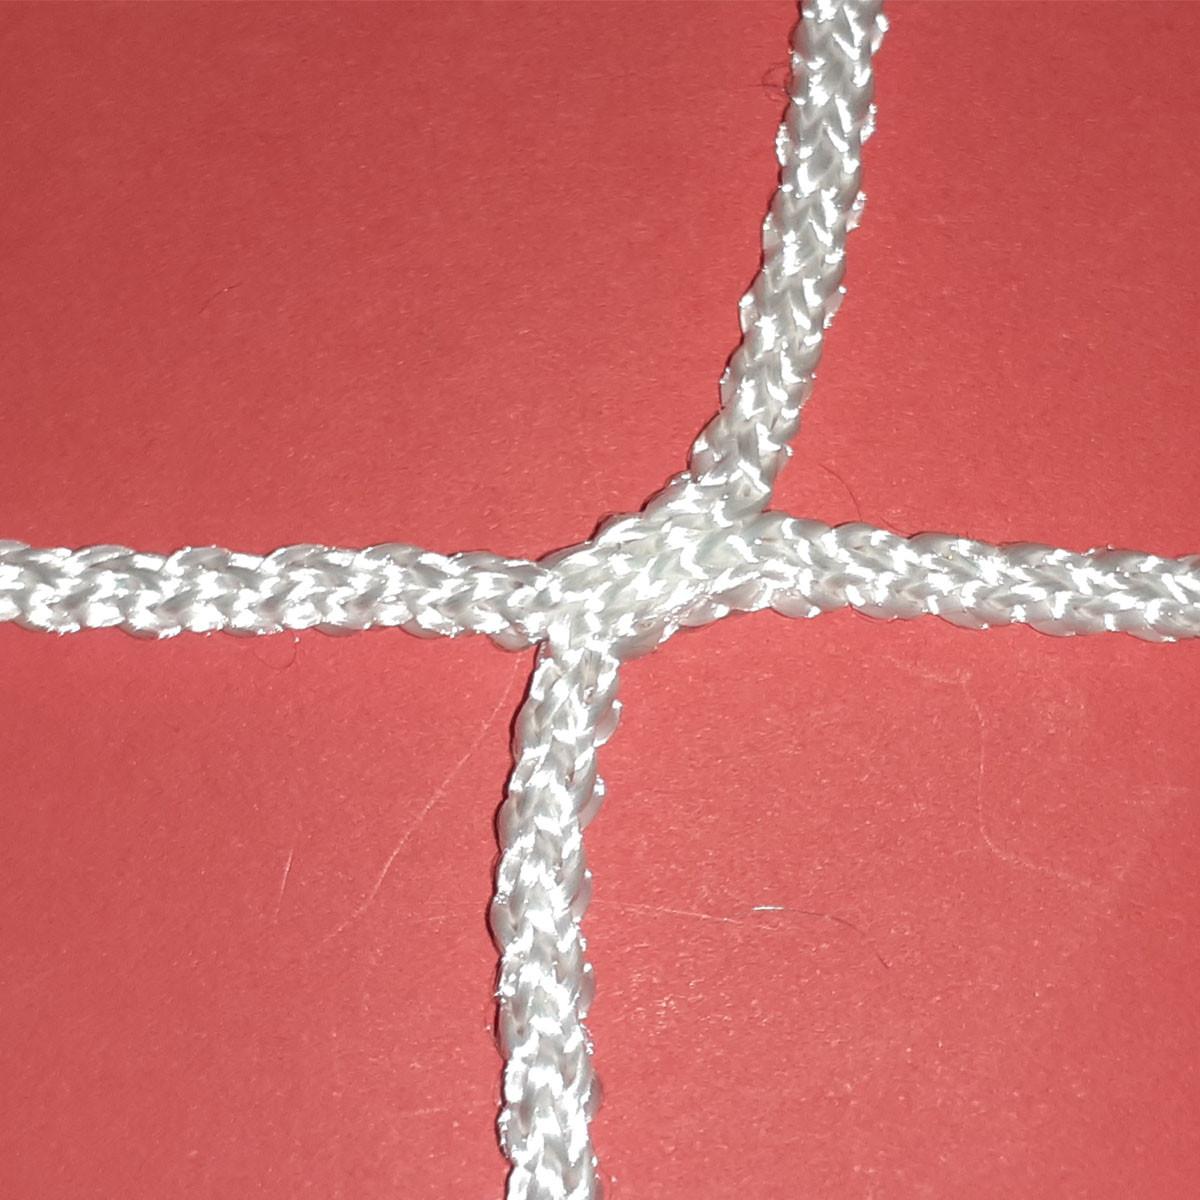 Сетка заградительная безузловая испанская, D – 4 мм, ячейка – 3,5 см, для защиты окон в спортзале, белая